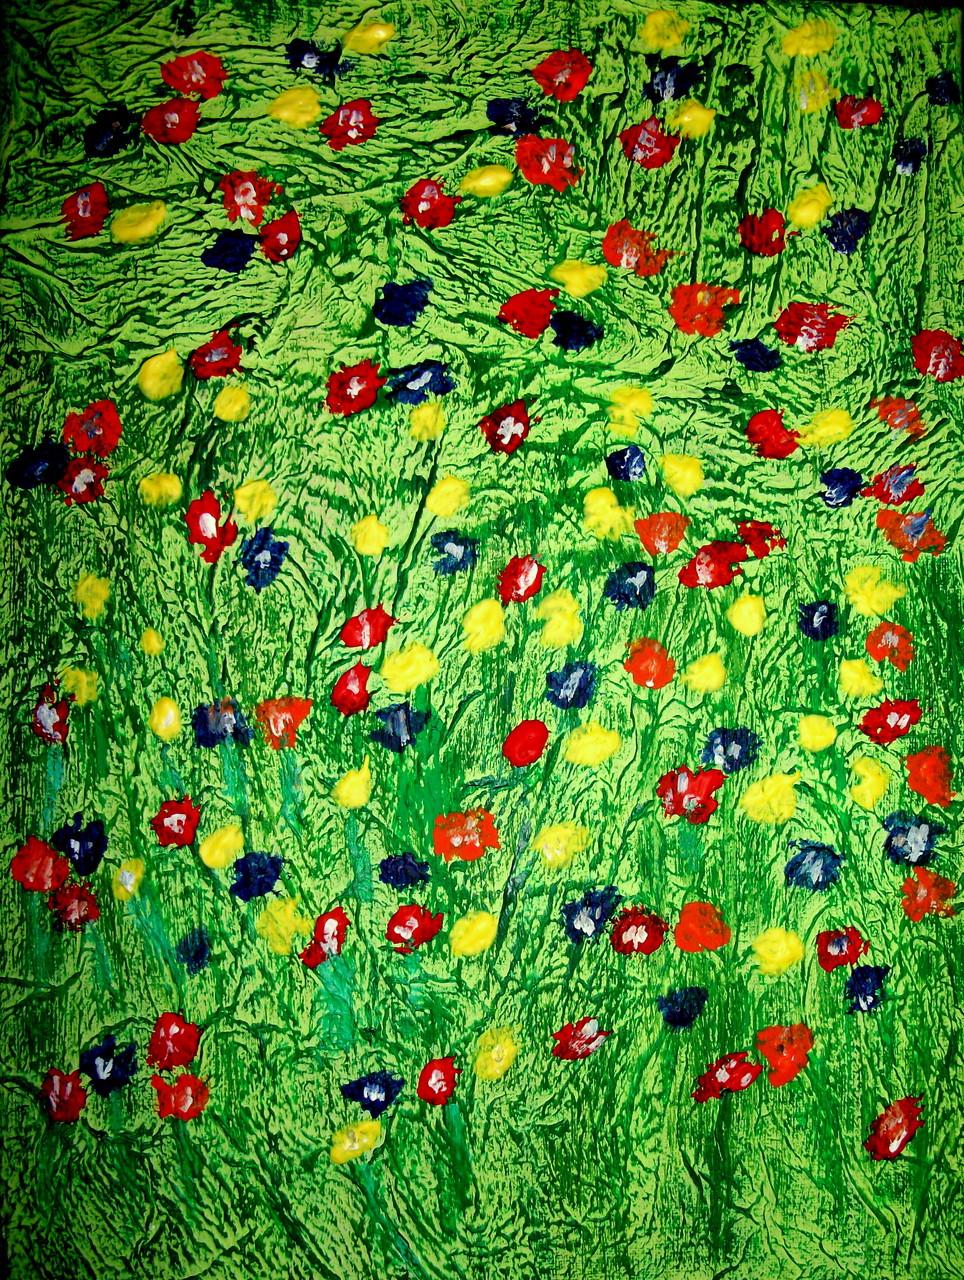 Blumenwiese Abstrakt ( 30 x 40 ) Acryl und Struktur auf Leinwand Kaufpreis 100 €uro